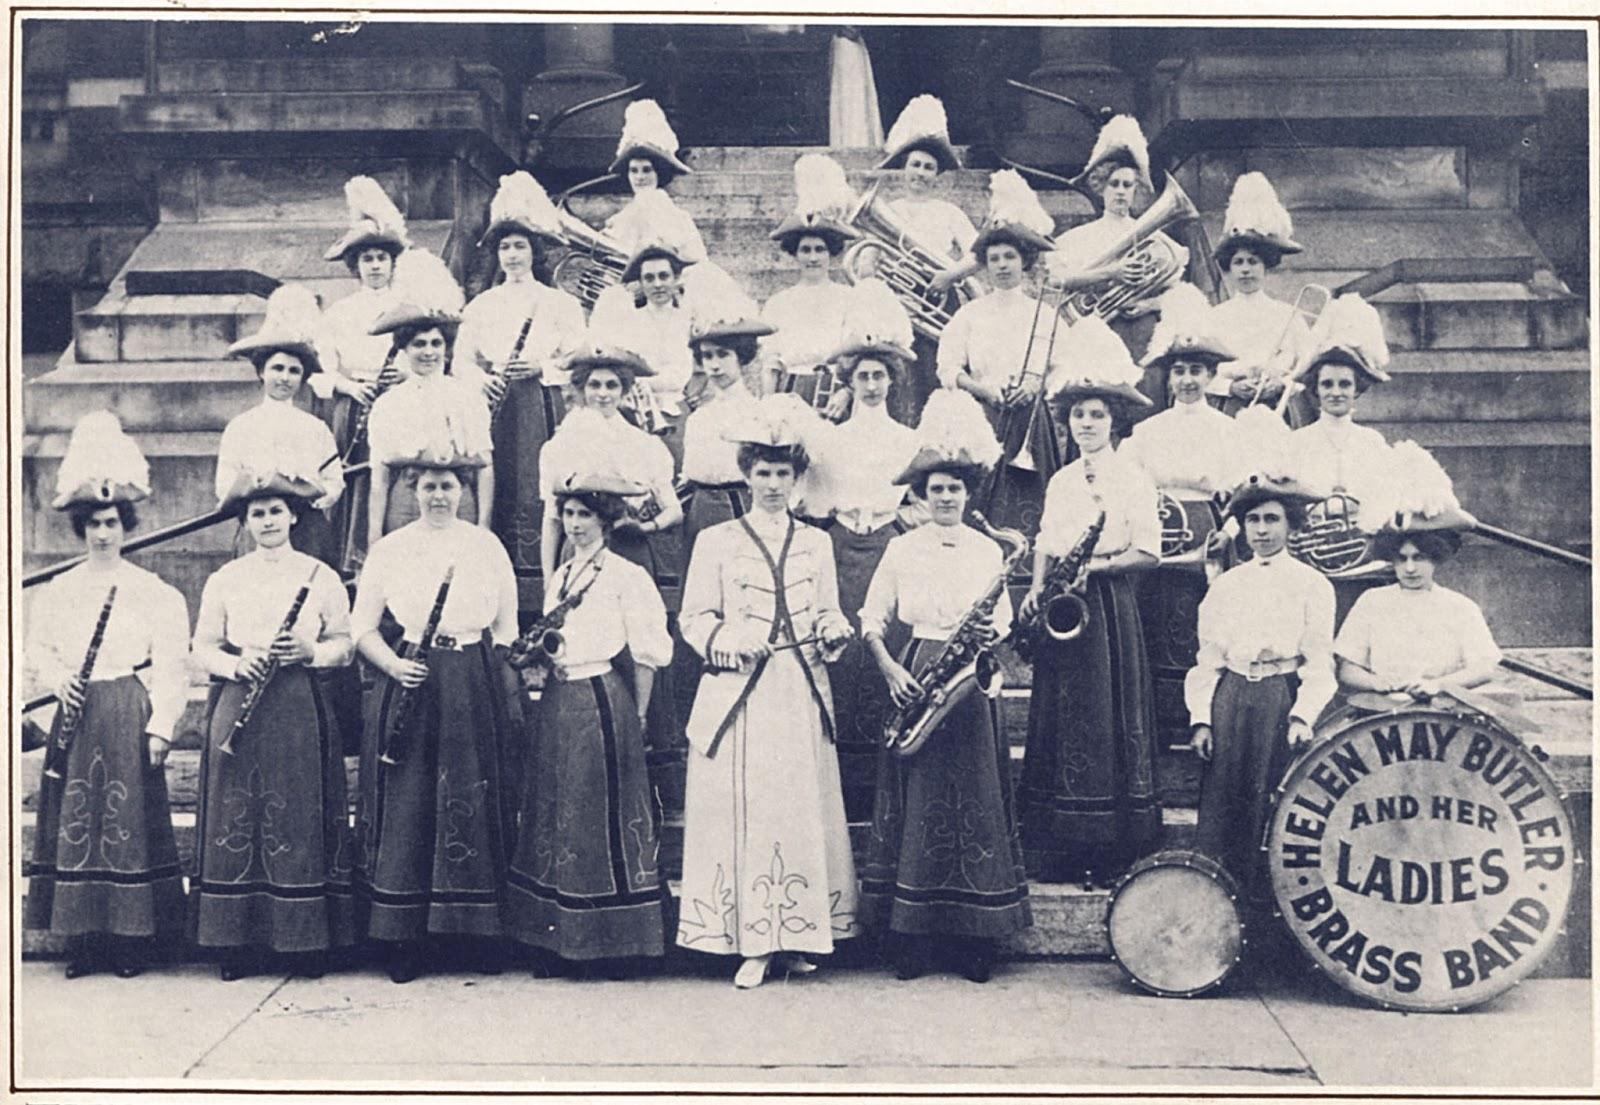 Helen May Butler Ladies Brass Band - Mike Brubaker.jpg